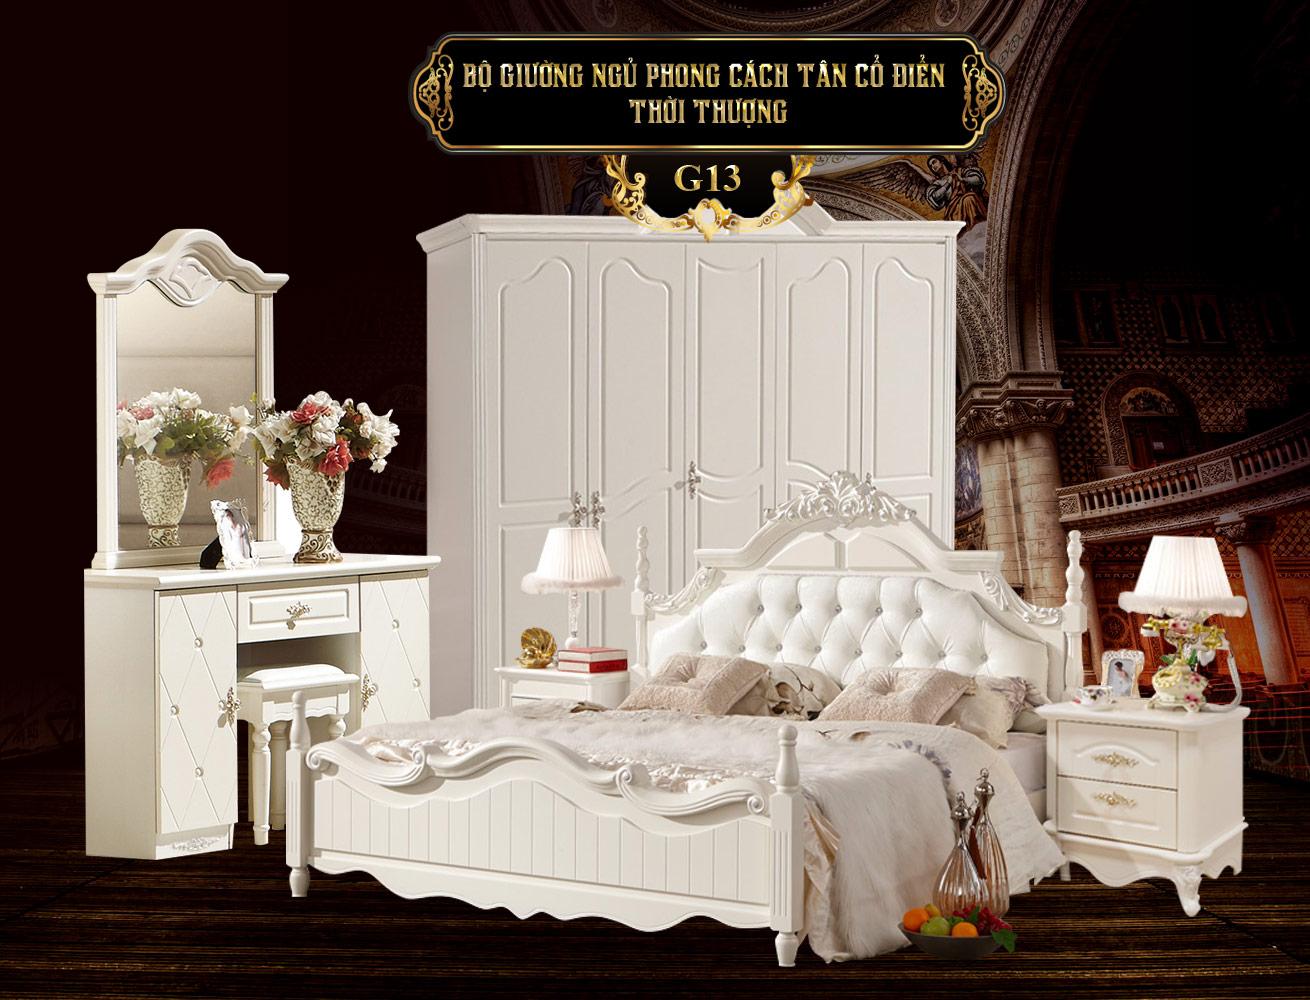 Giường ngủ cao cấp phong cách tân cổ điển G13a-1 bằng gỗ tự nhiên giá rẻ nhất